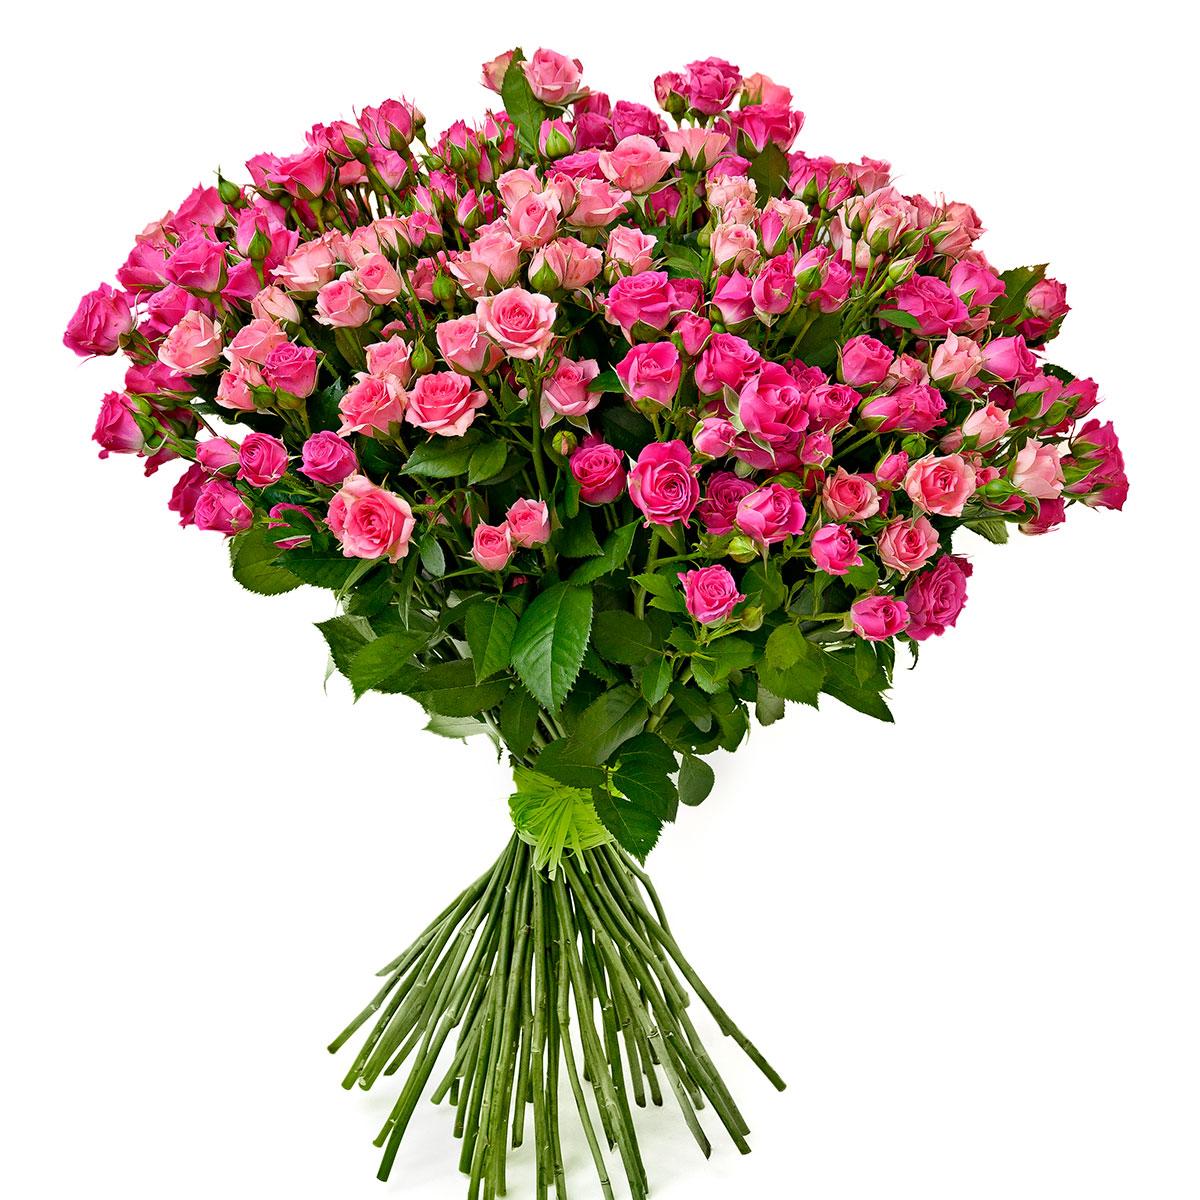 нам как выглядят кустовые розы фото говорите, что